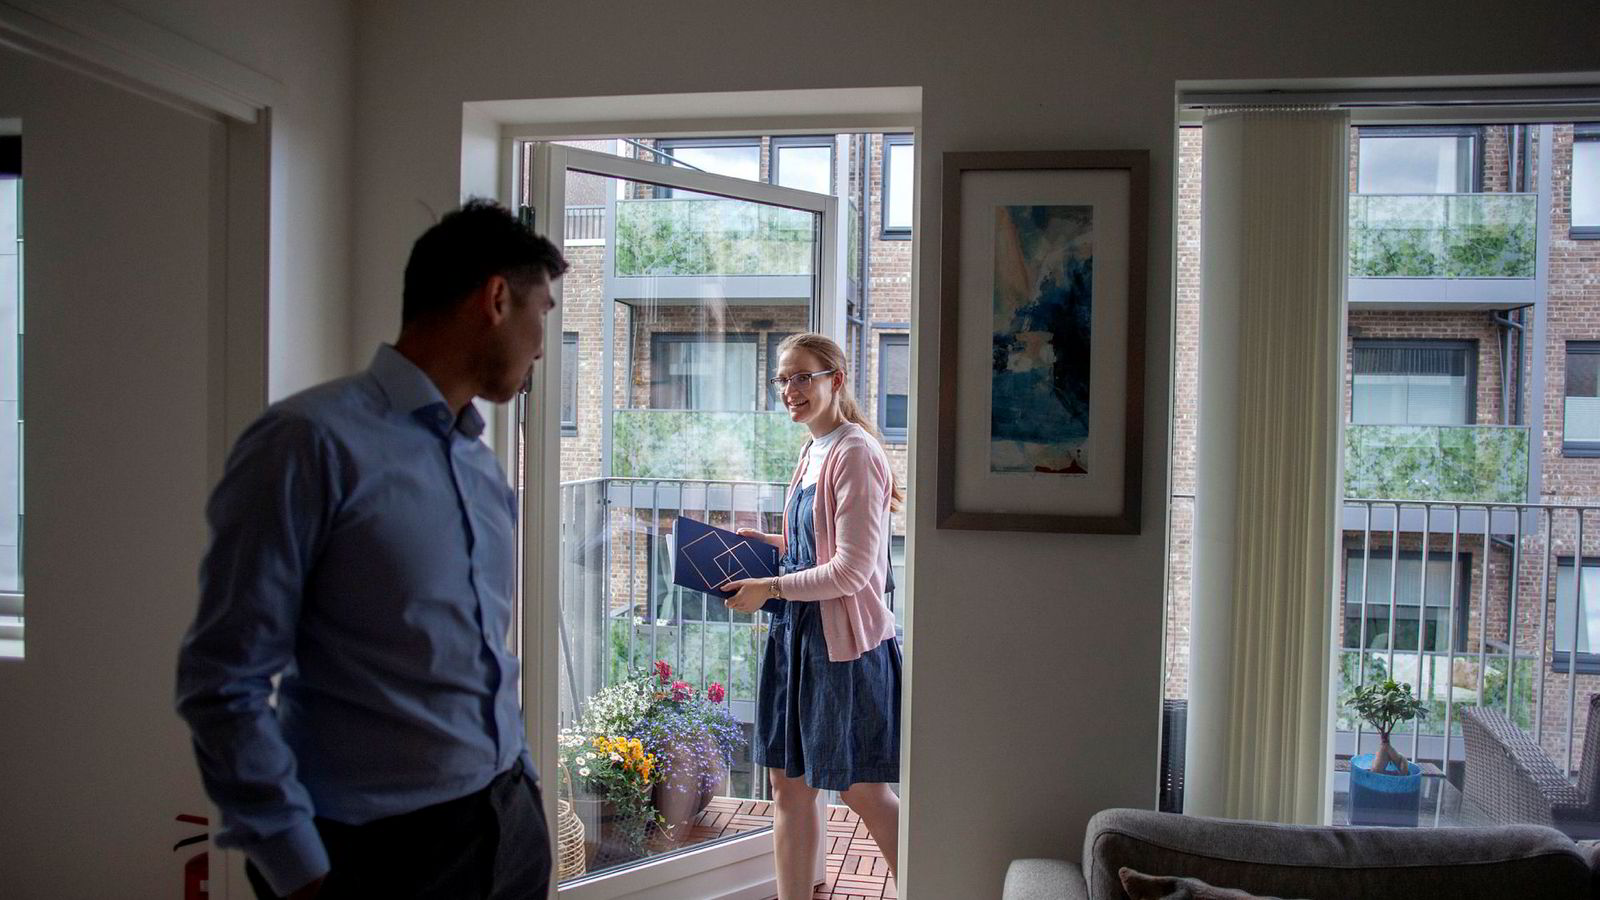 Marit Forslund (29) er på boligjakt og irriterer seg over boliger som kuppes før visning. Her ser hun på en leilighet på Ensjø i Oslo sammen med  eiendomsmegler Duy Vidar Tang.